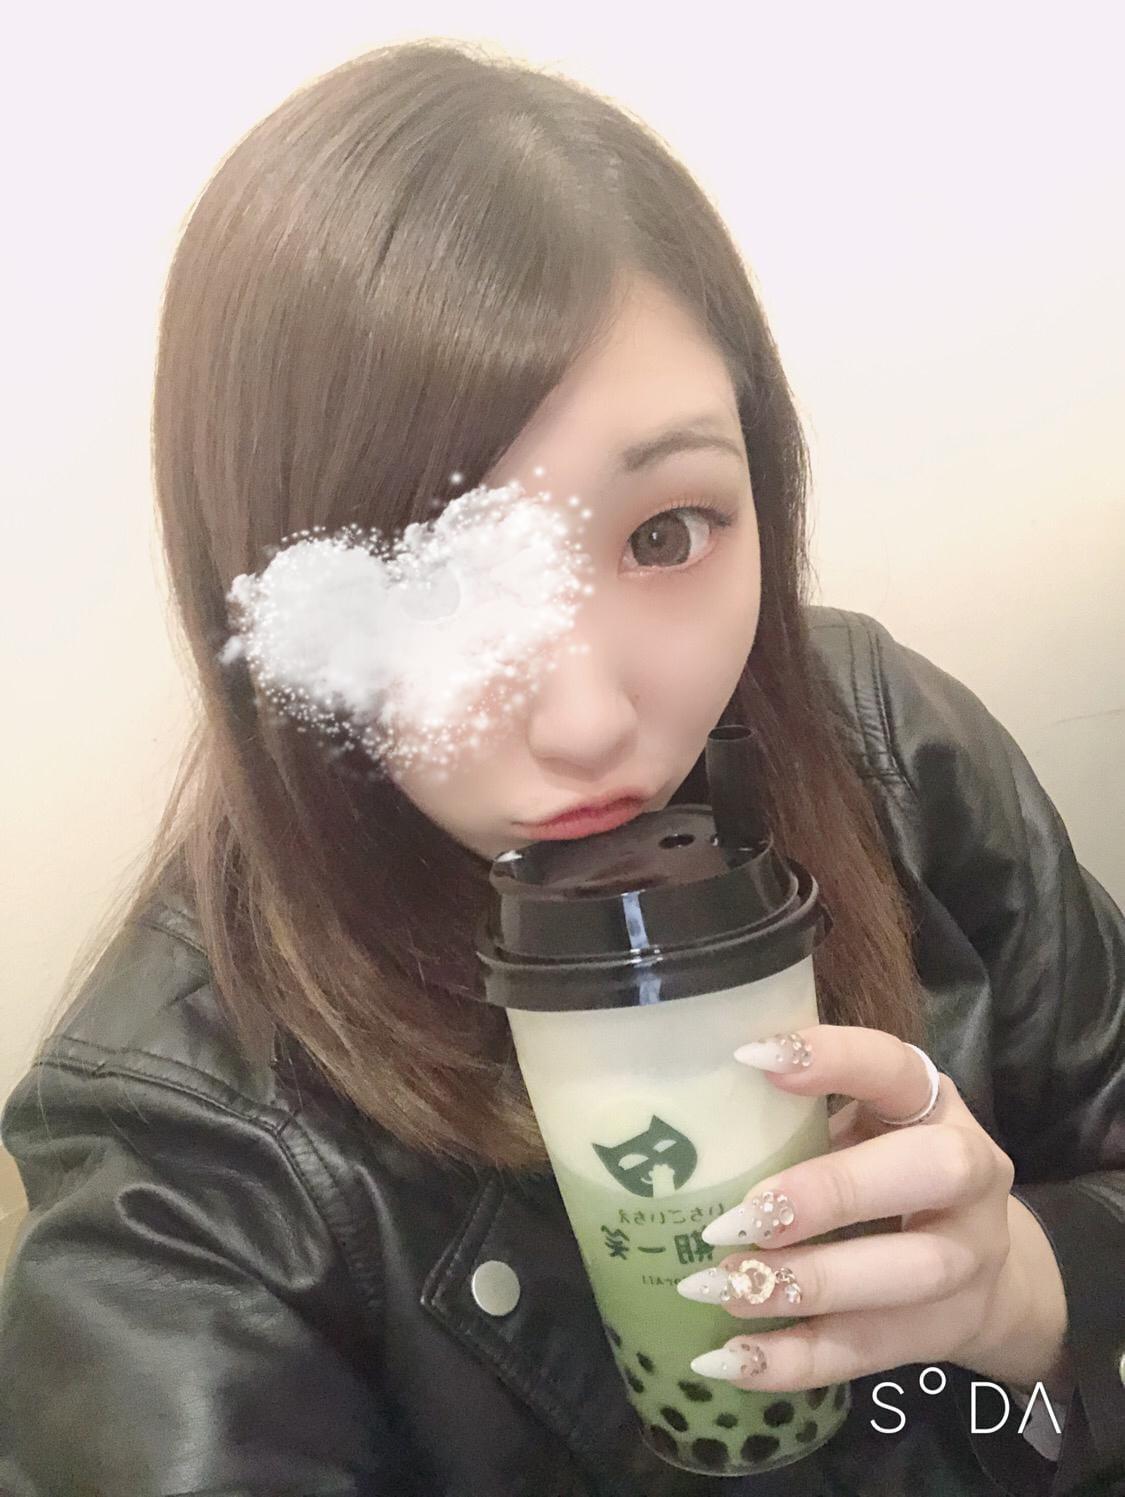 「またもや!!!!」06/11(06/11) 12:48 | のどかの写メ・風俗動画